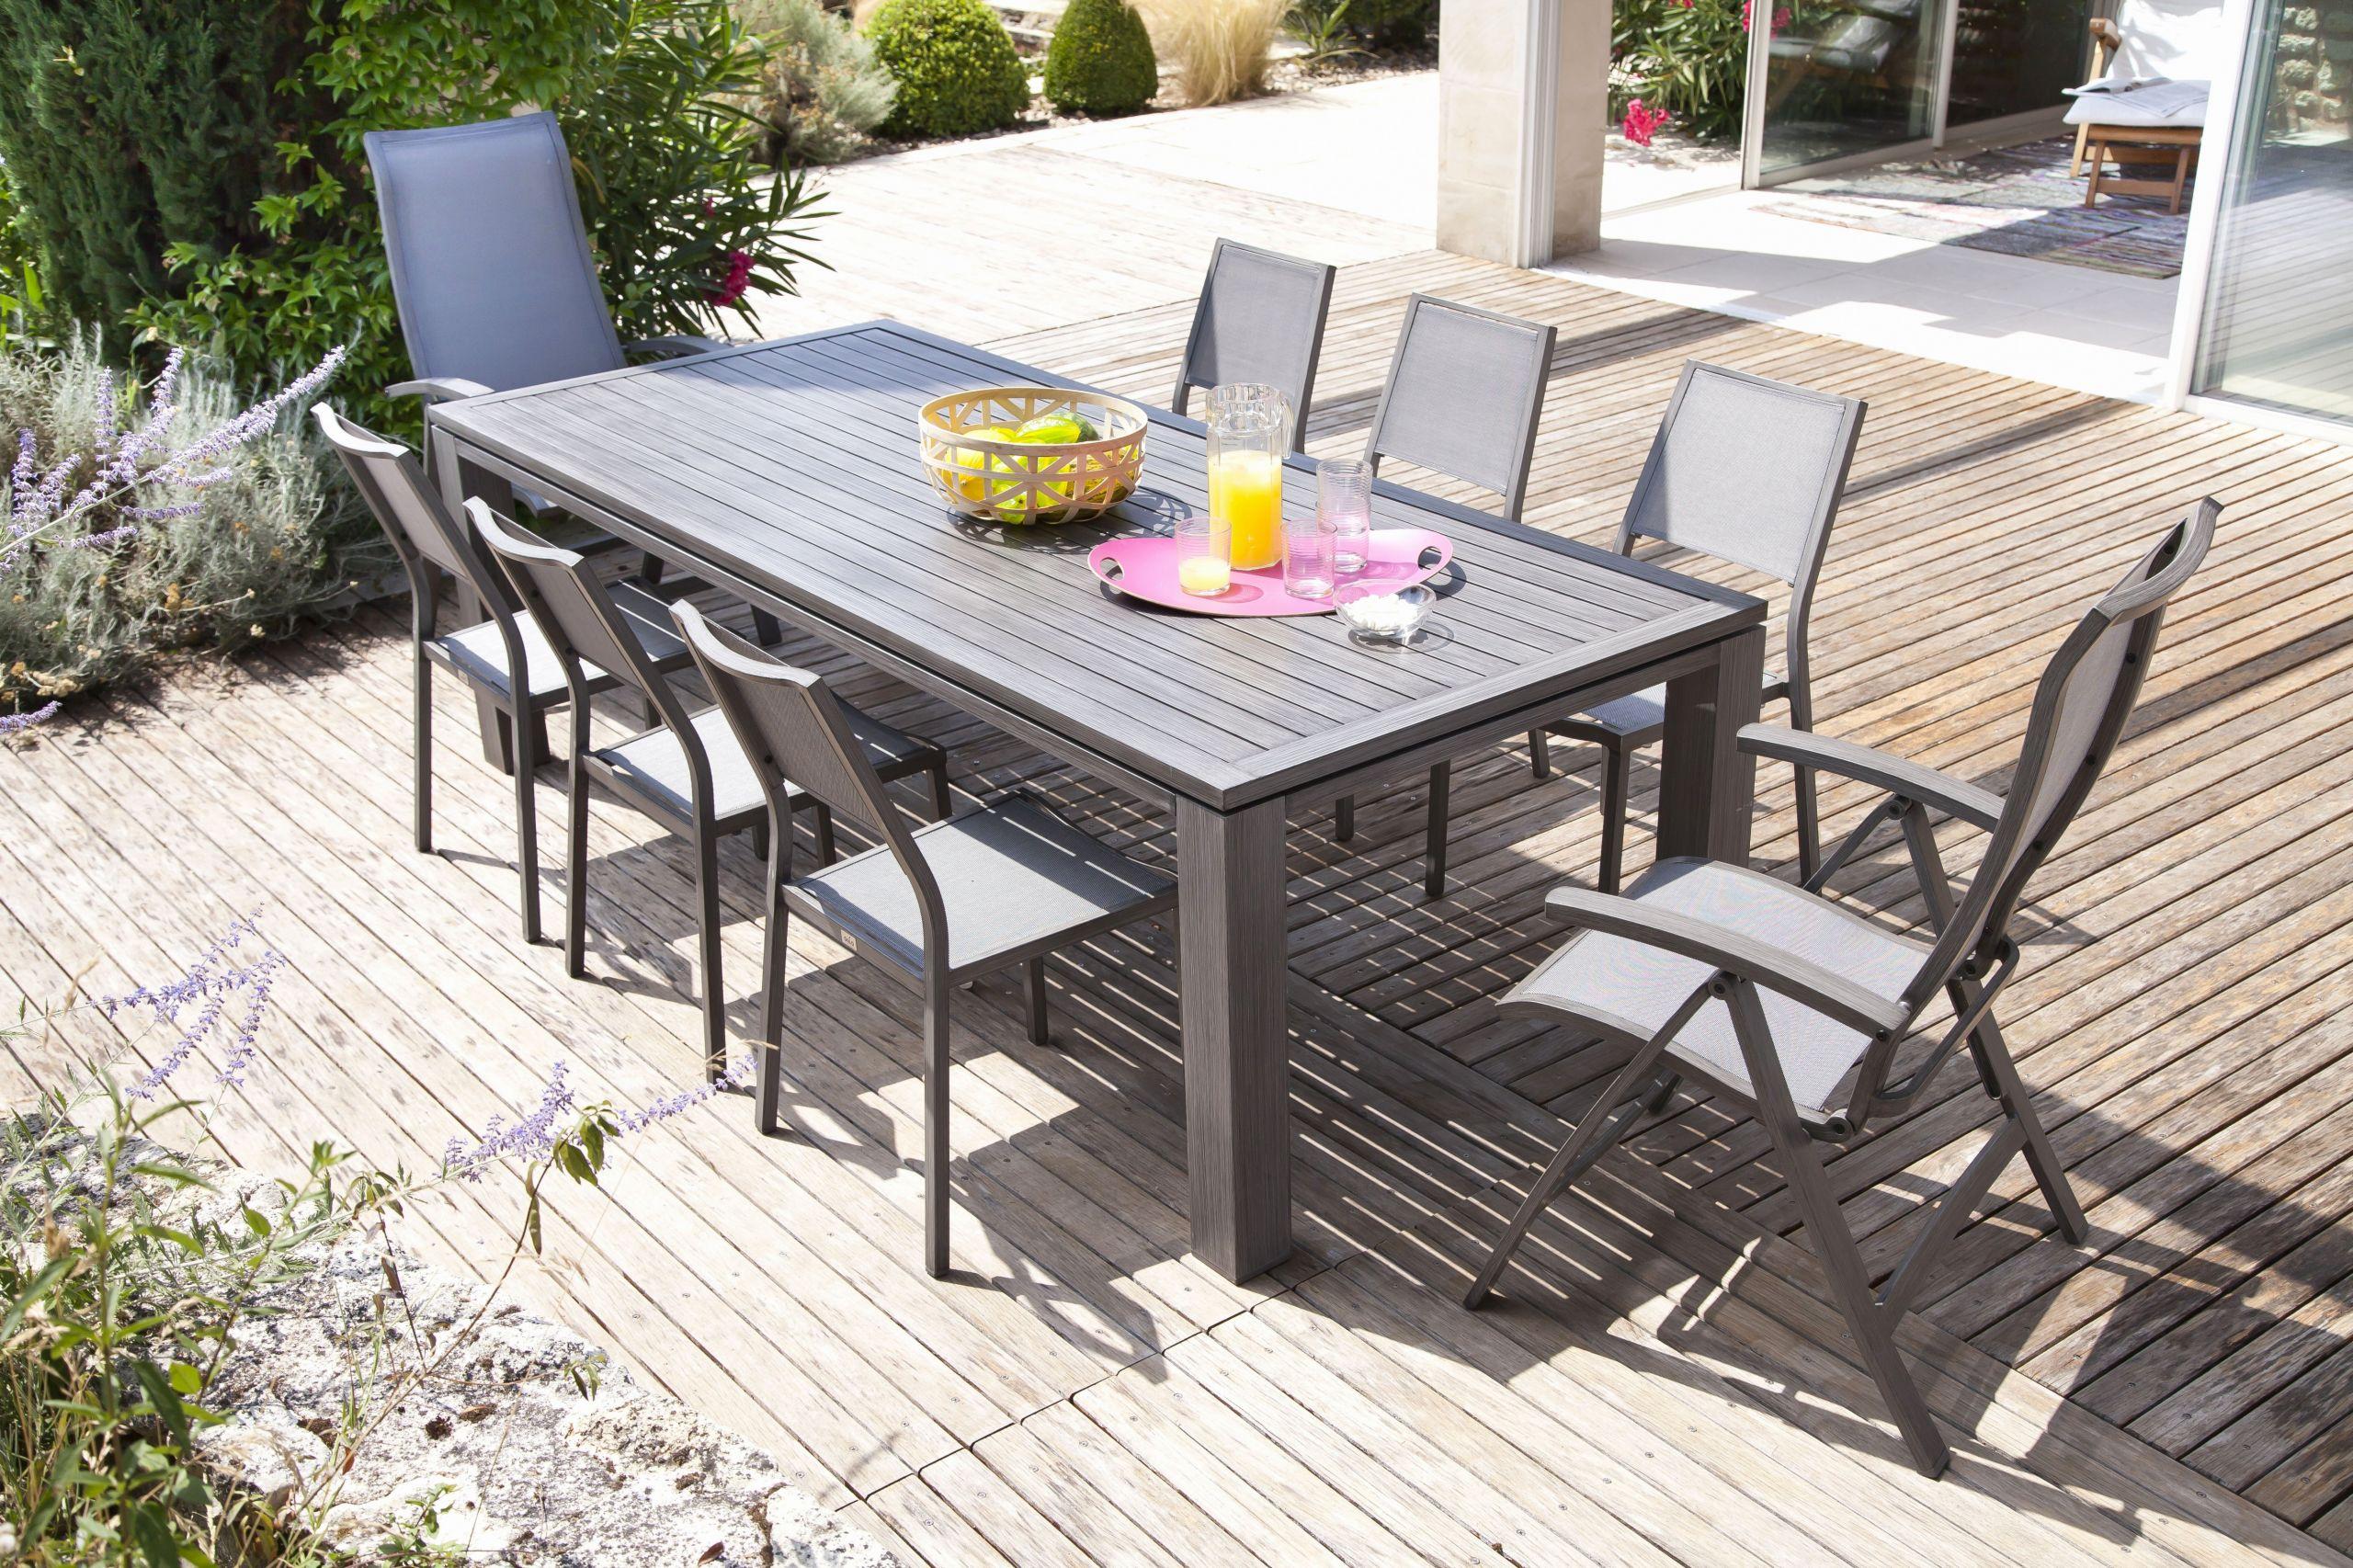 table et chaise de jardin en bois table jardin bois mikea galerie of table et chaise de jardin en bois